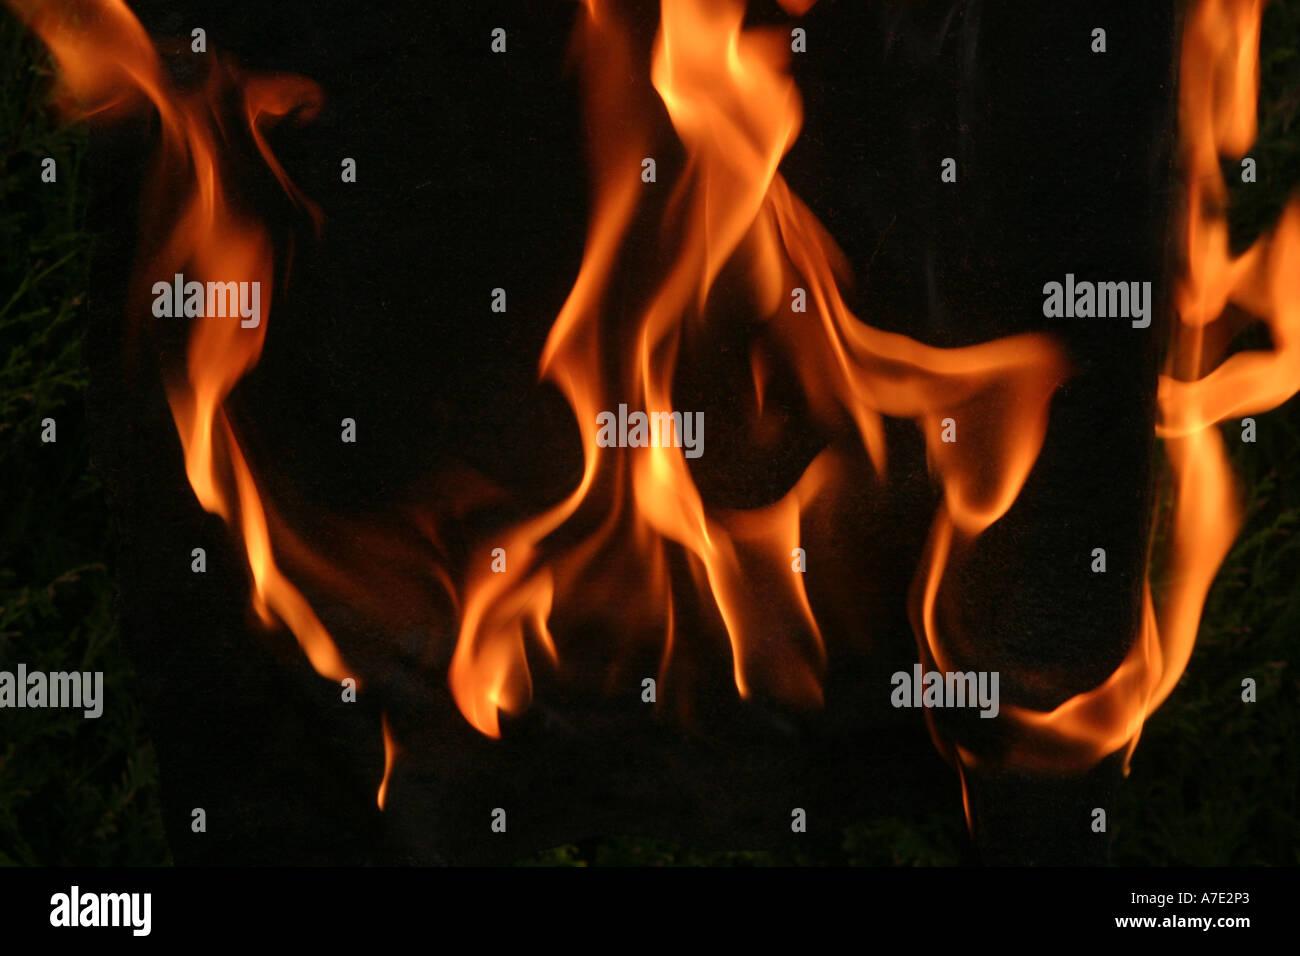 Flammes Orange sur un fond noir Photo Stock